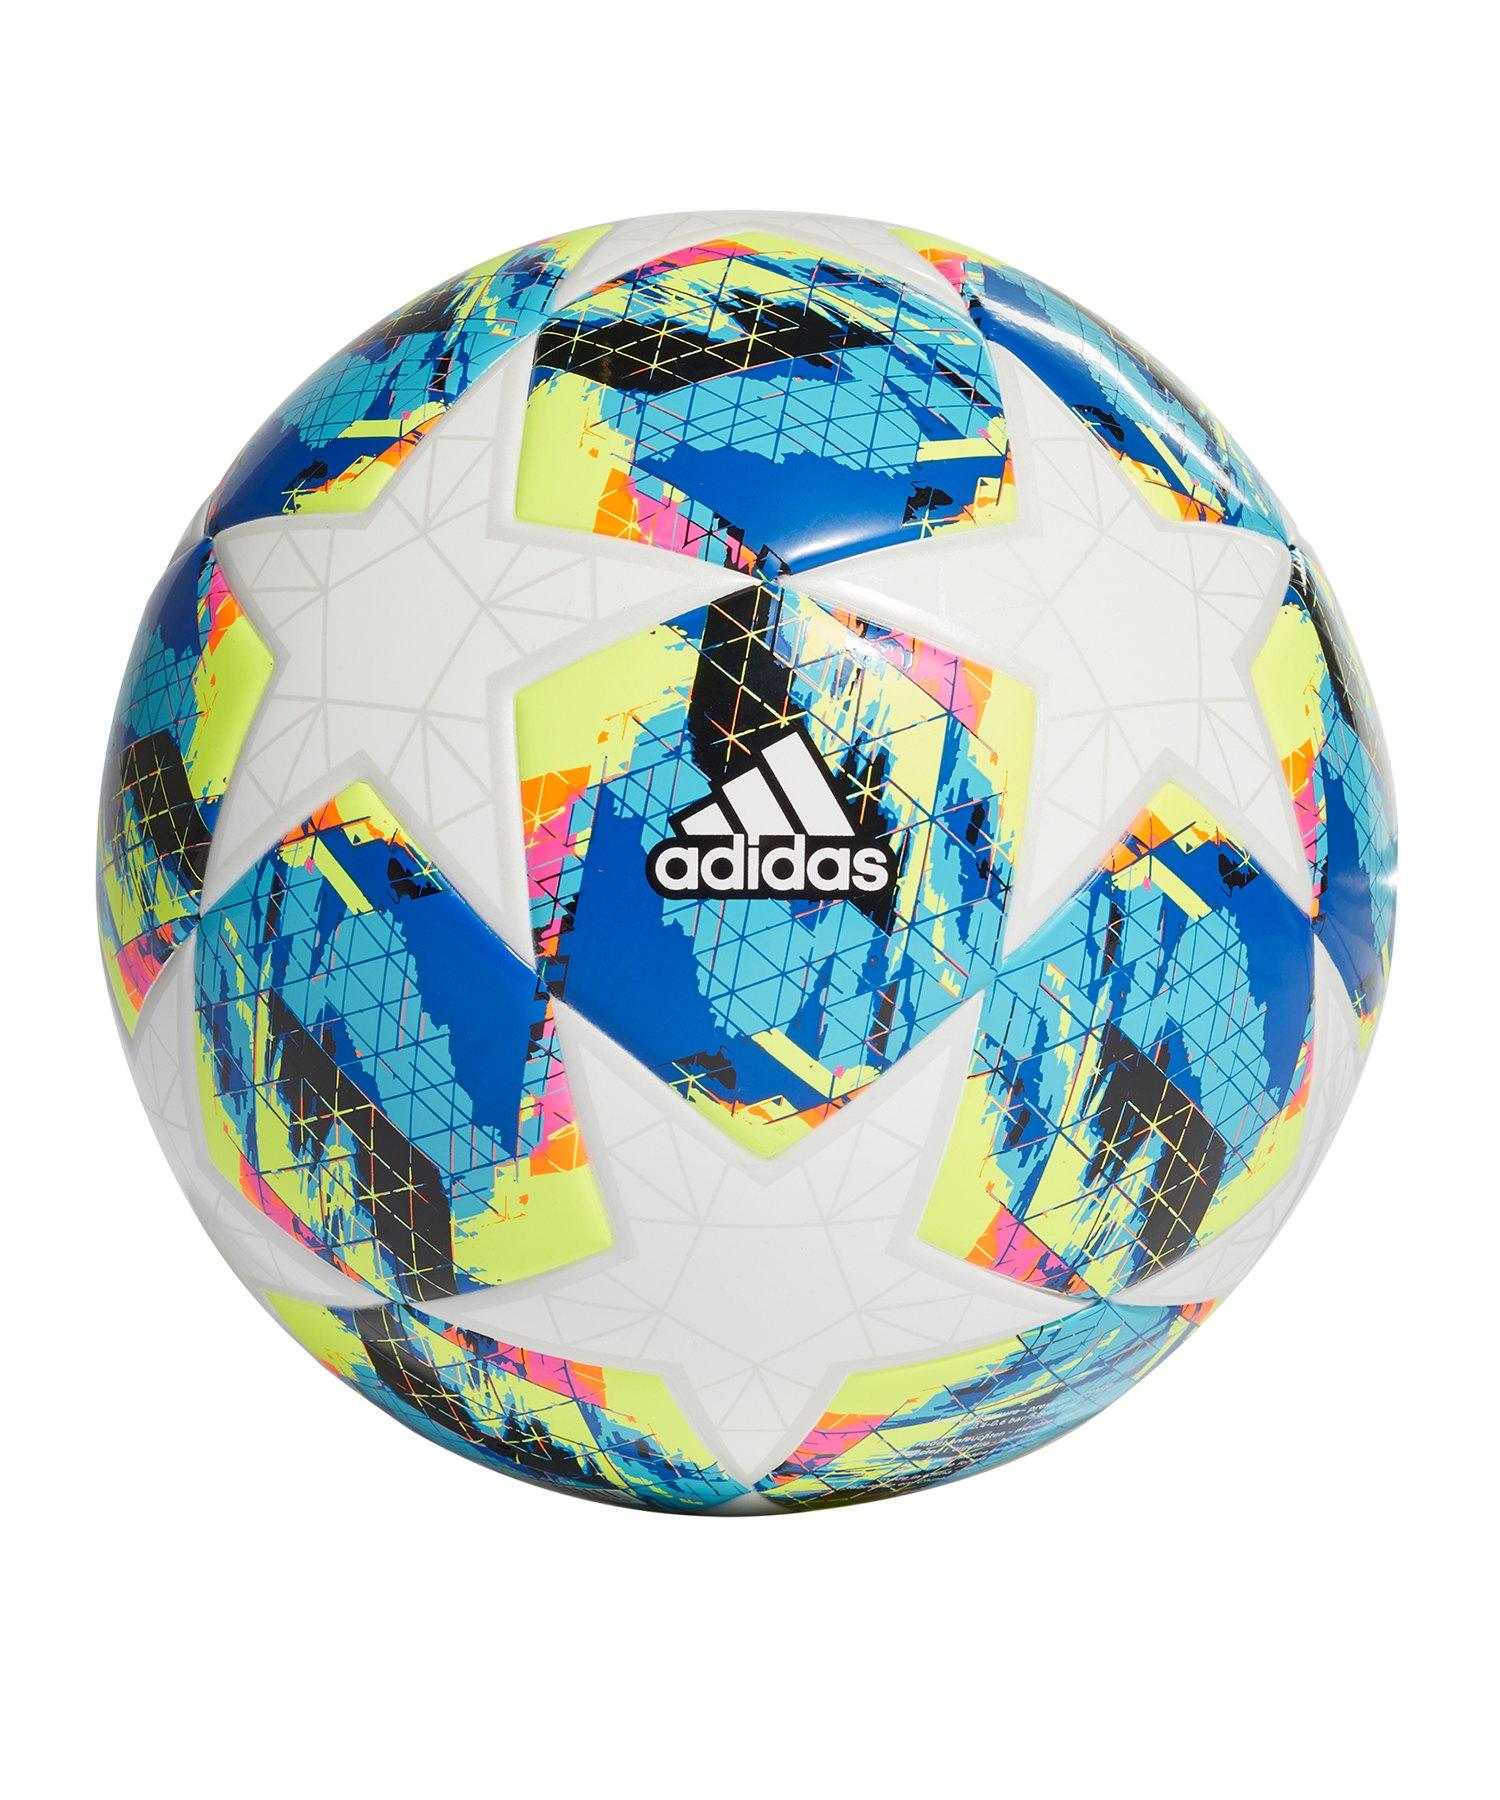 adidas Finale Lightball 350 Gramm Weiss Türkis - weiss